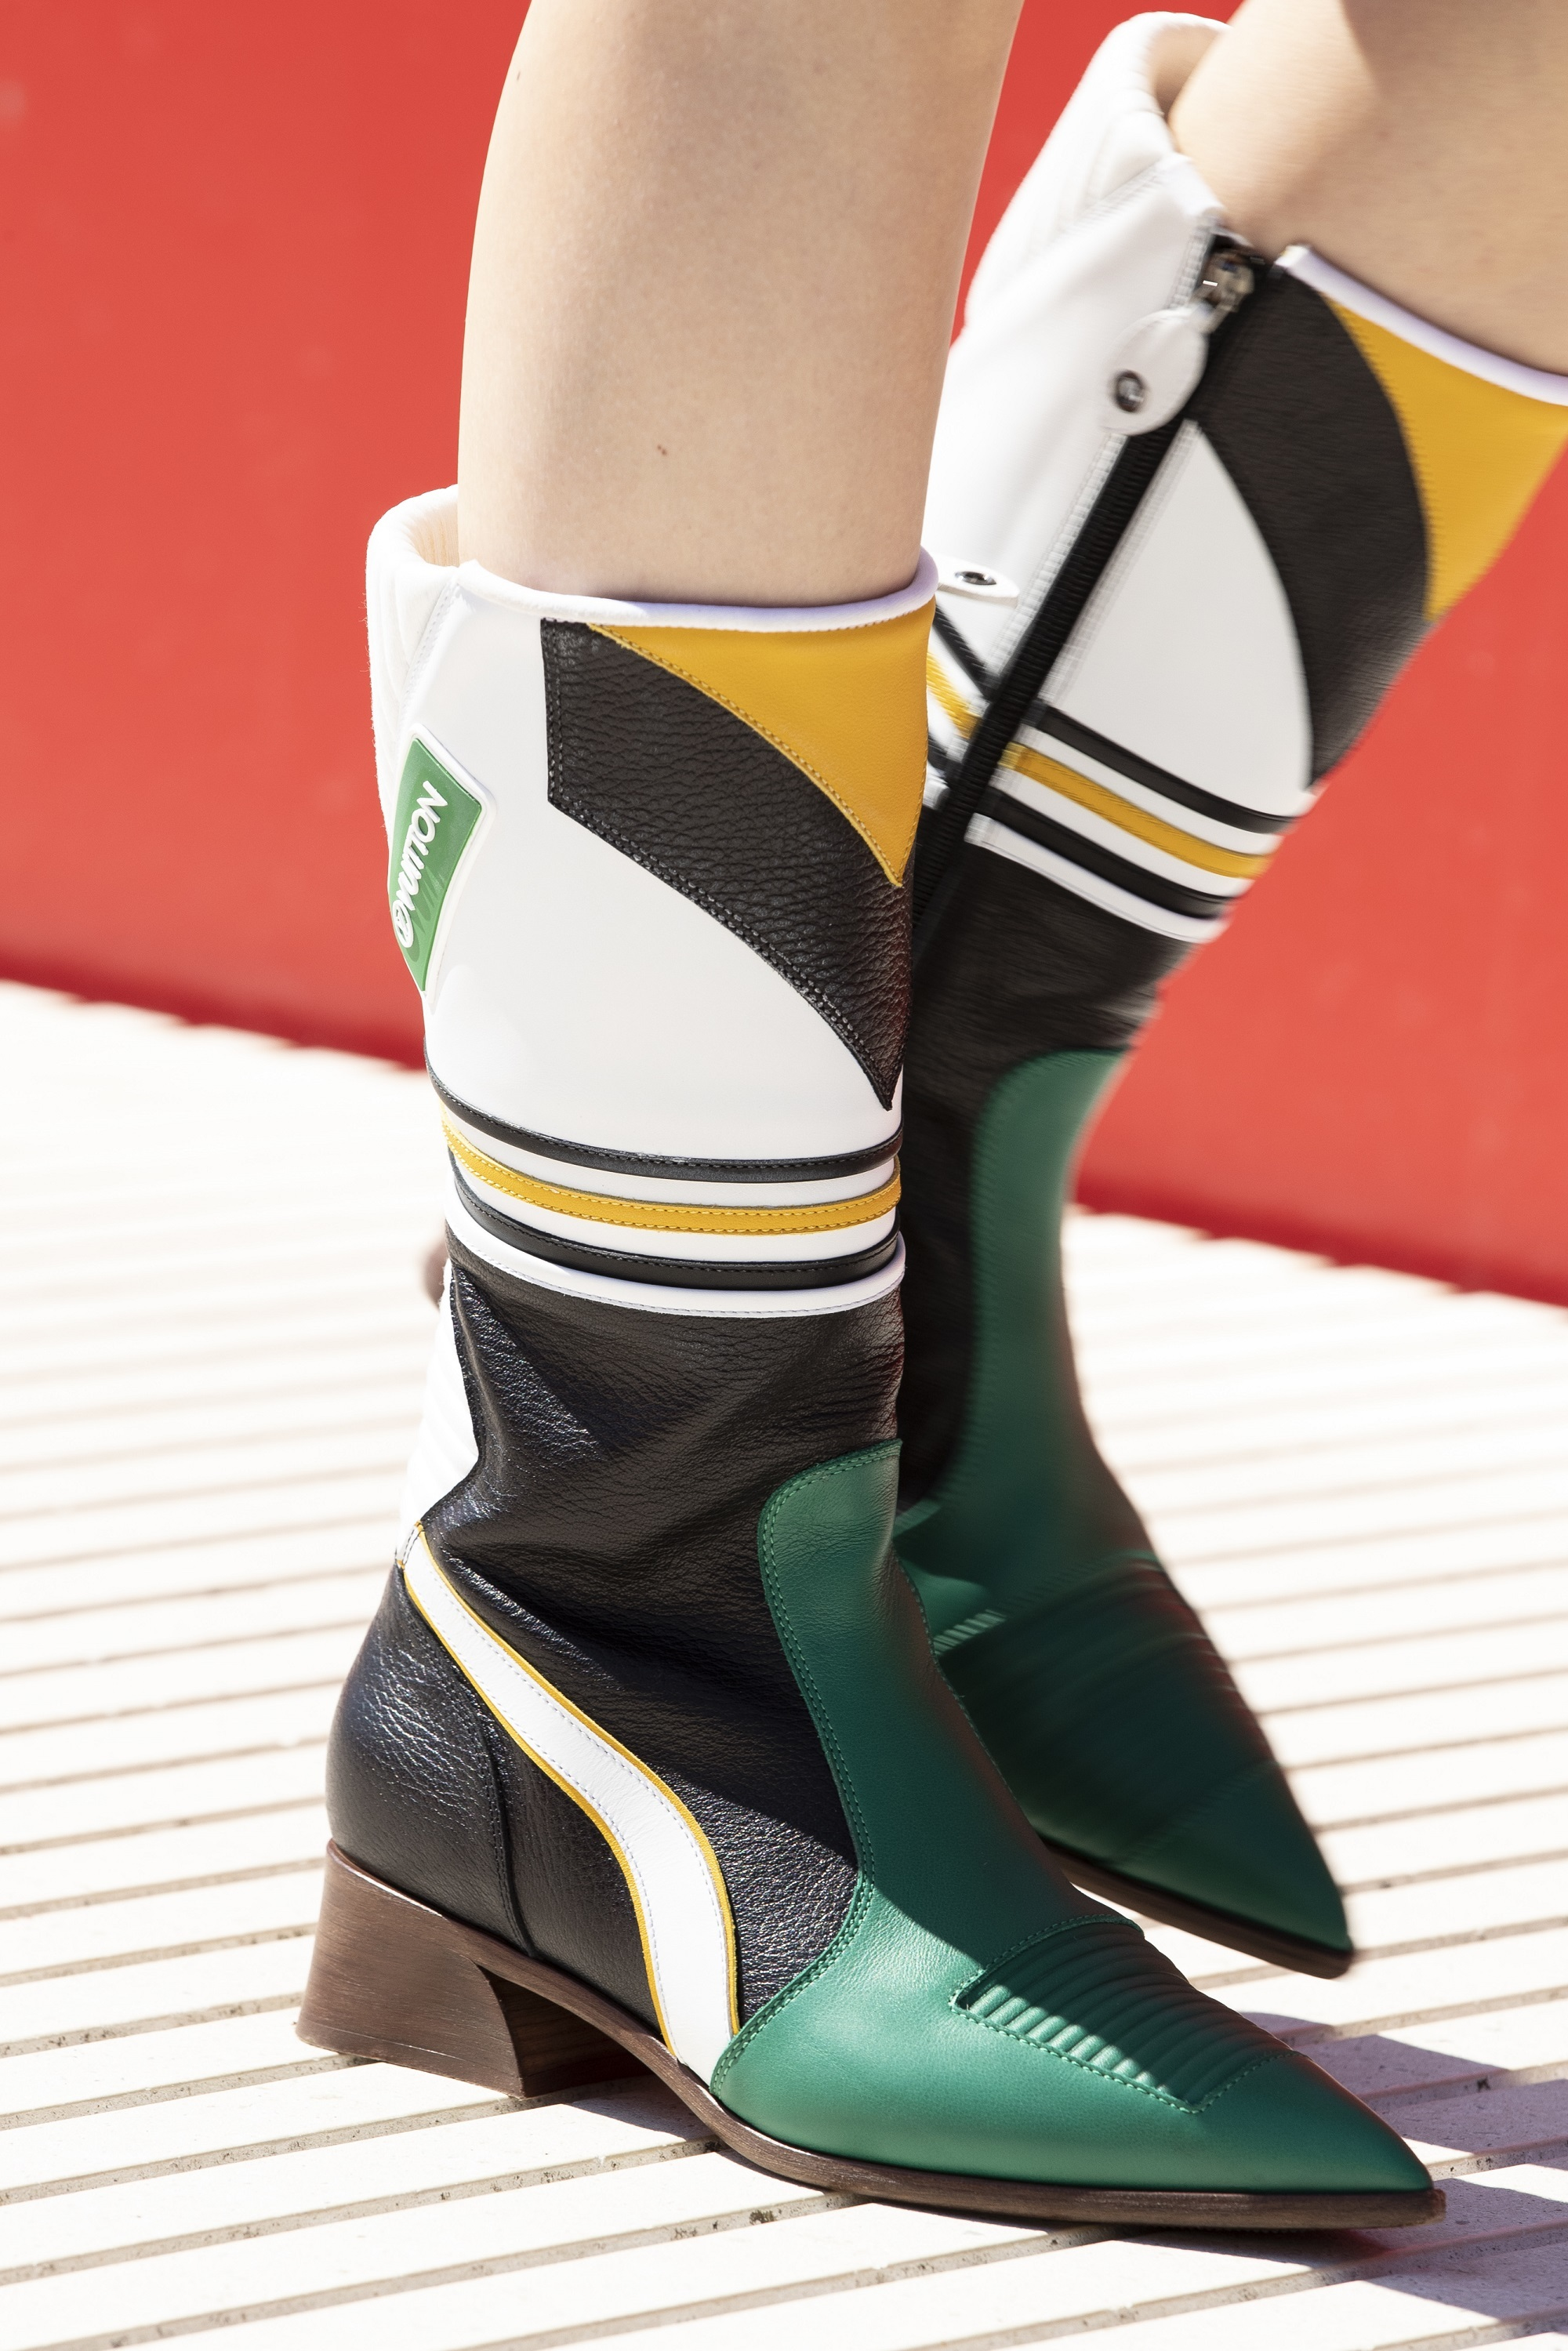 Una de las botas del desfile Crucero de Louis Vuitton 2022.